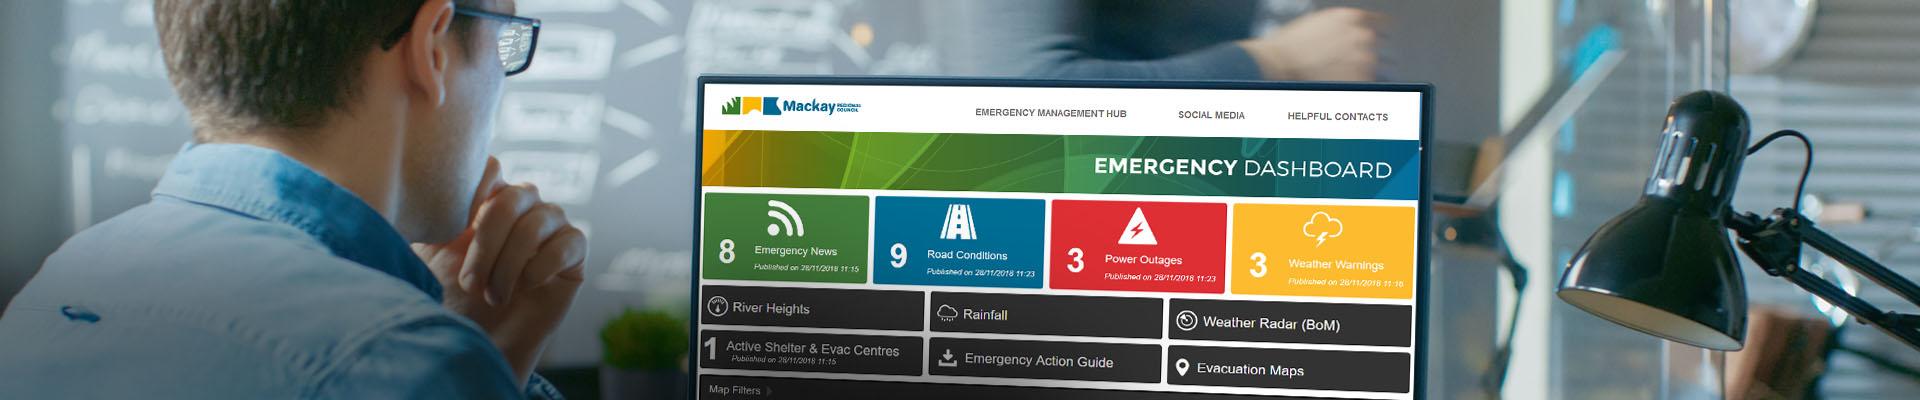 Emergency Dashboard